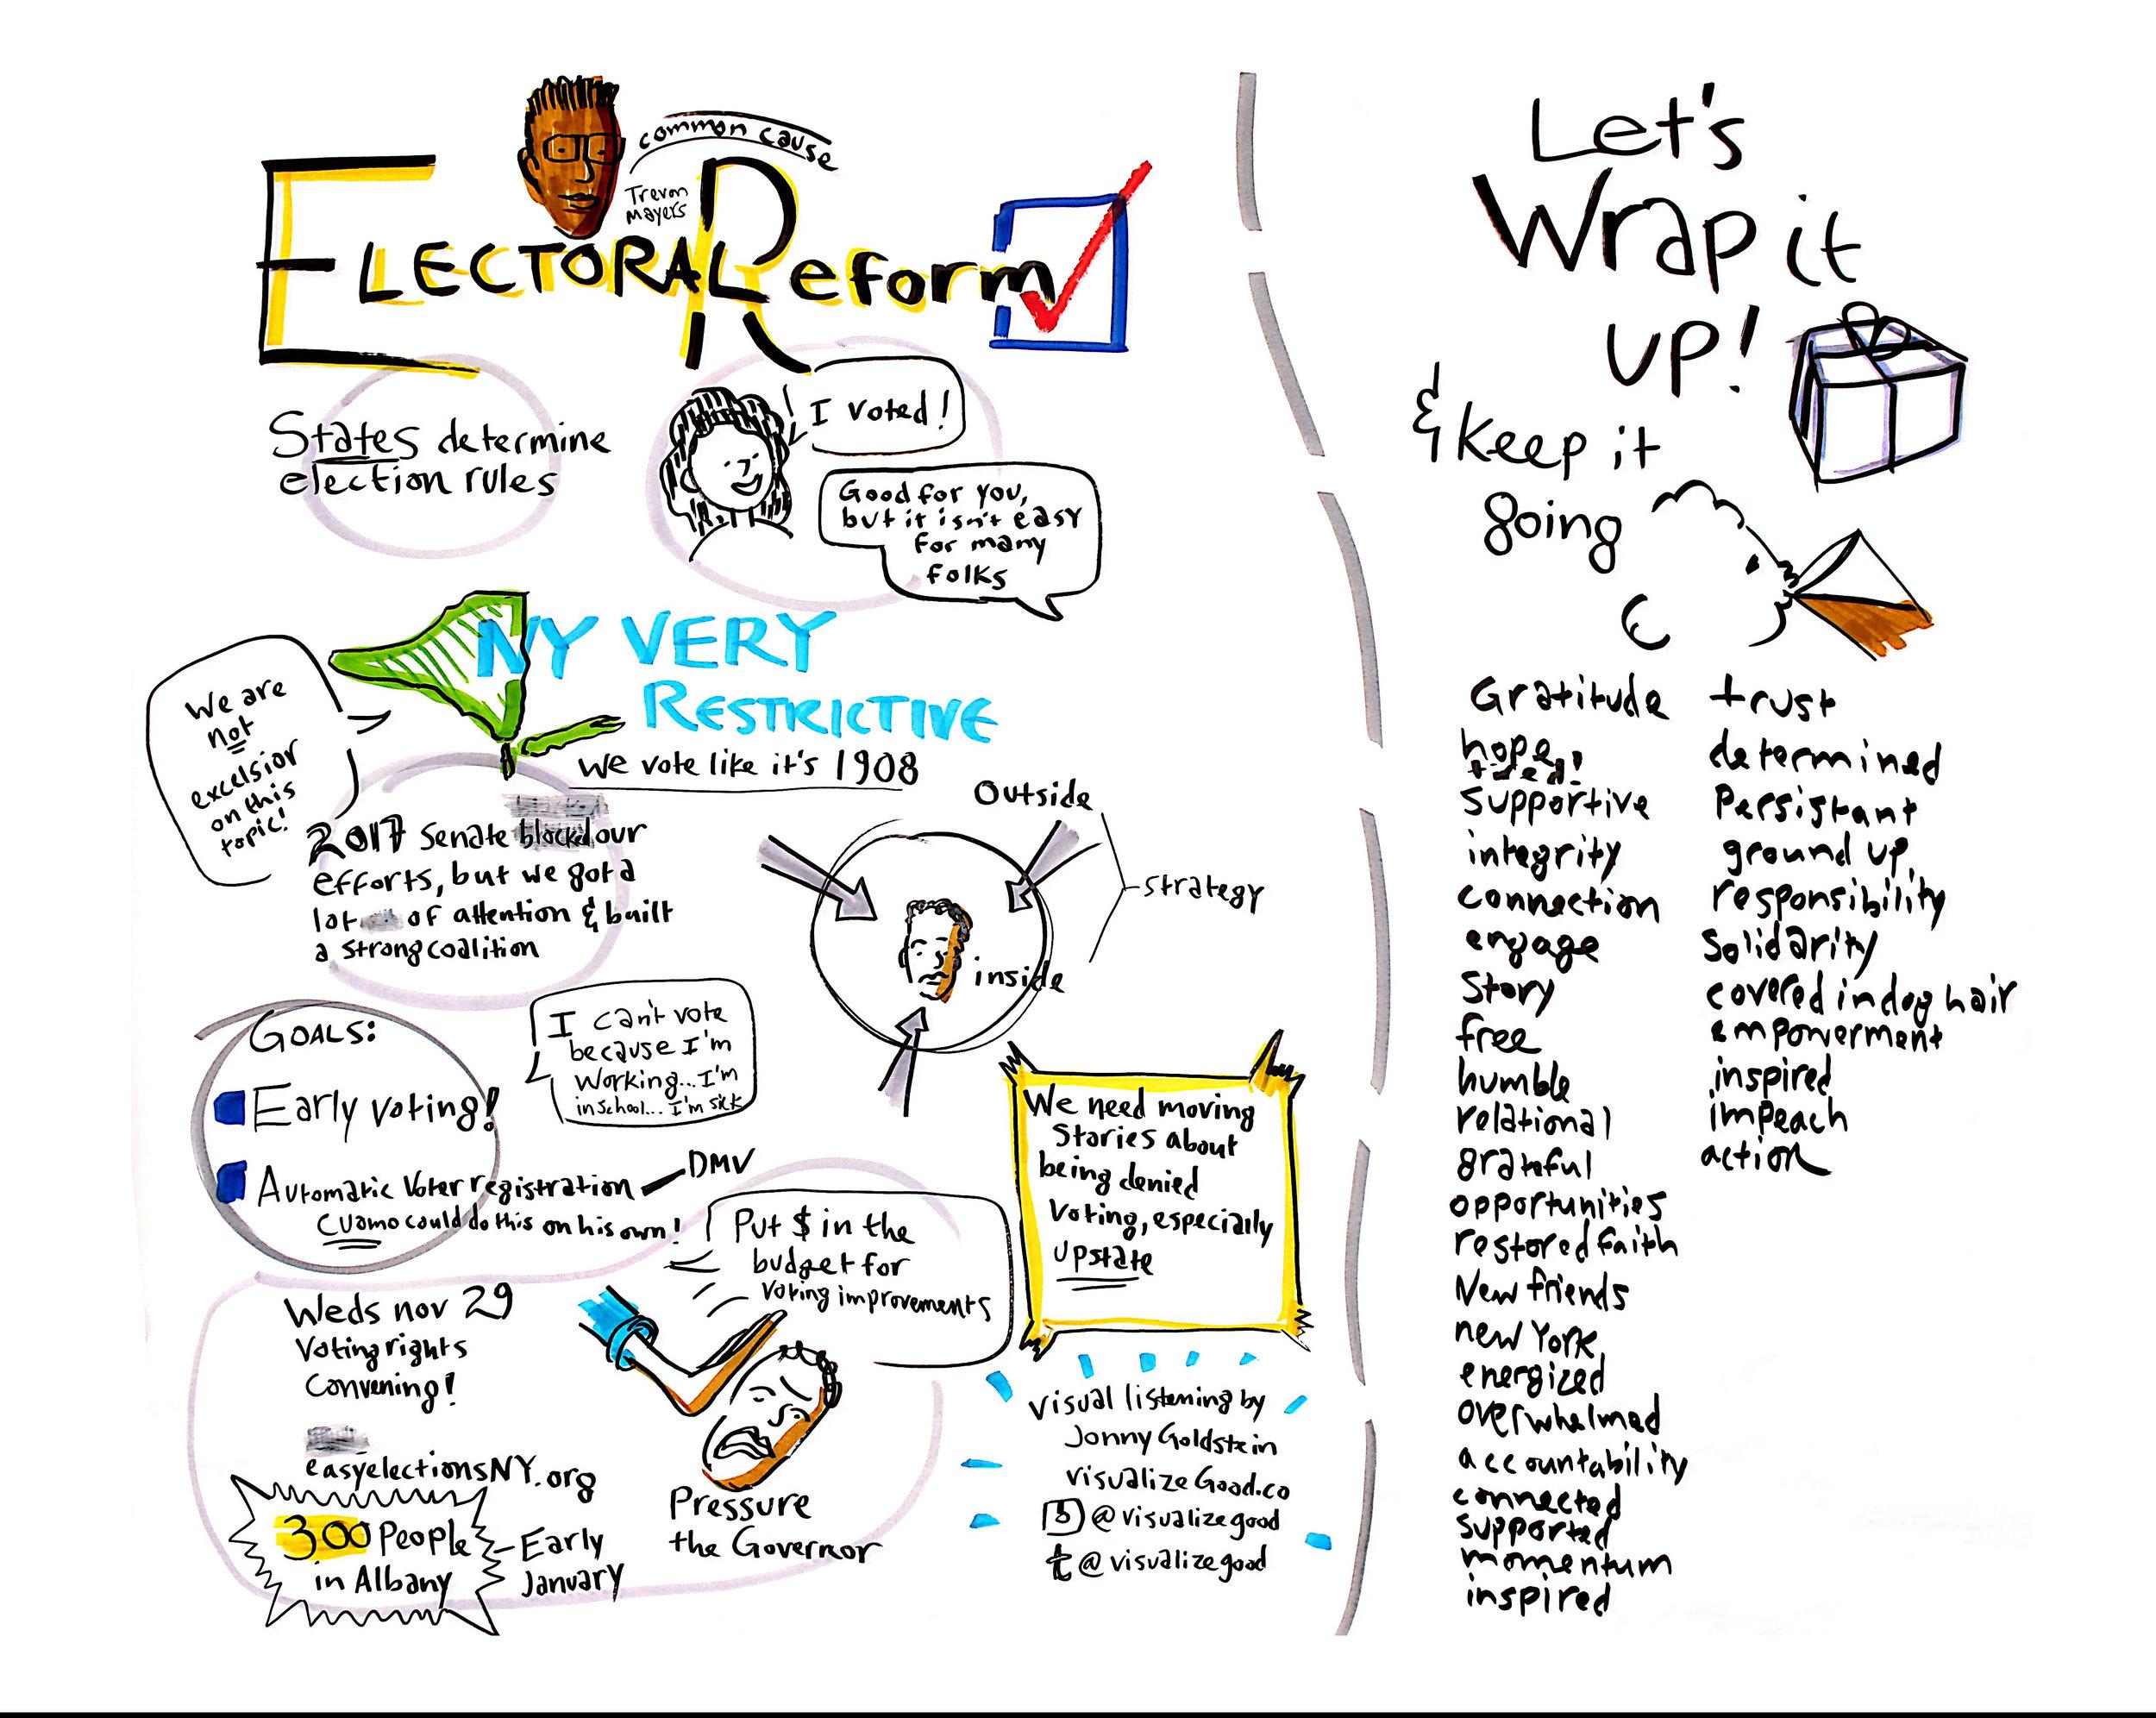 ActLocal2017NY-ElectoralReform-GraphicRecording.jpg